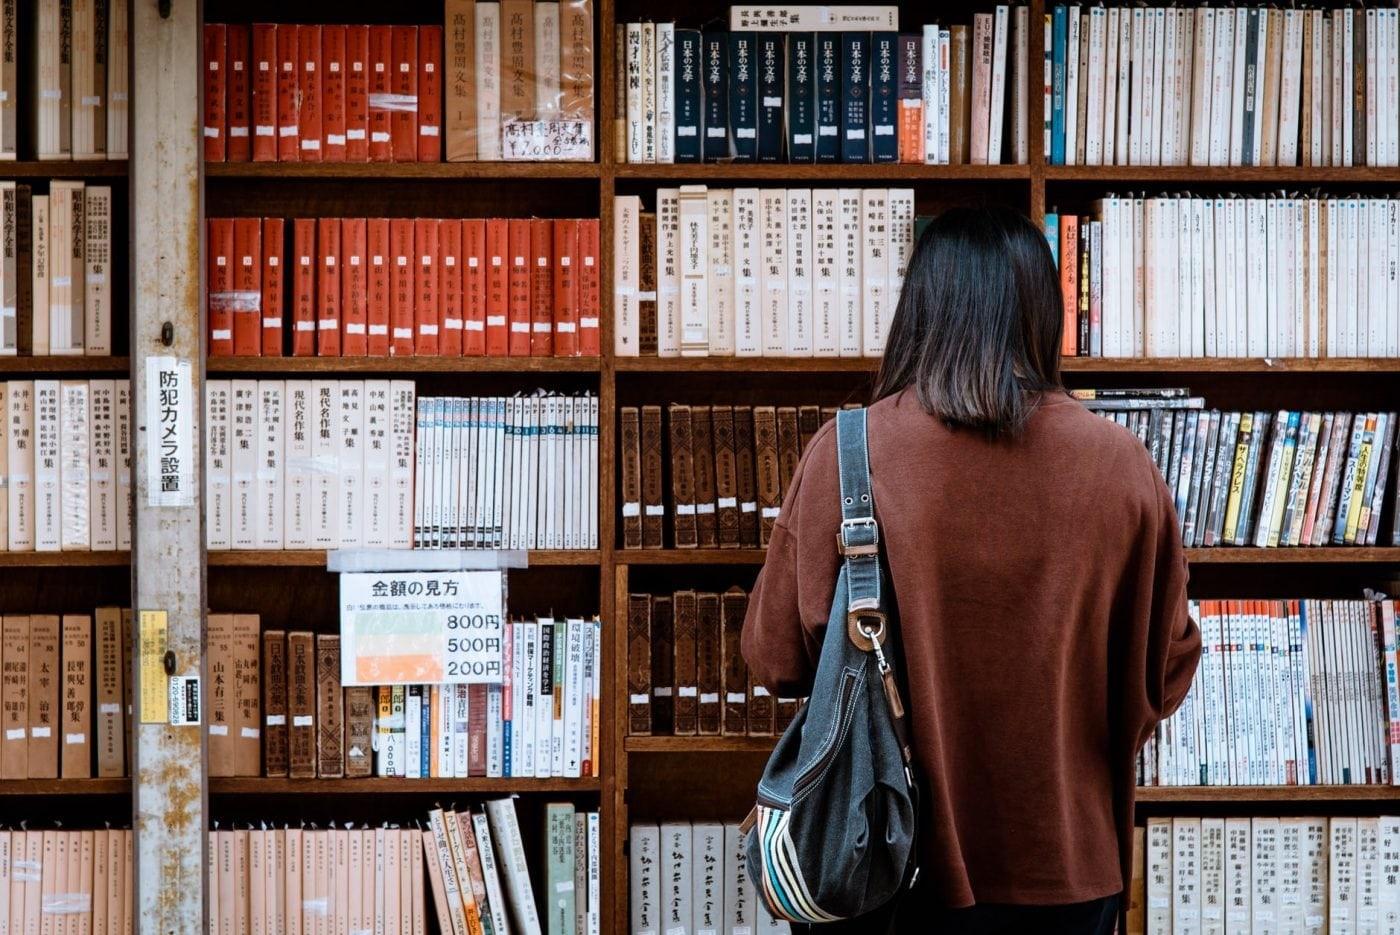 """""""Korisno znanje. Nekada bi se ljudi namučili da dođu do informacije, tražili po različitoj literaturi, pitali učene... Danas olahko dolazimo do istih, ali, pored tih bitnih, imamo i milion nebitnih koje nepotrebno zamaraju naš mozak, a pored toga su i nepouzdane, i ne mogu se iskoristiti. Znamo milion stvari, a nijednu kako bi trebalo."""" A. F.<br>FOTO: pexels.com"""